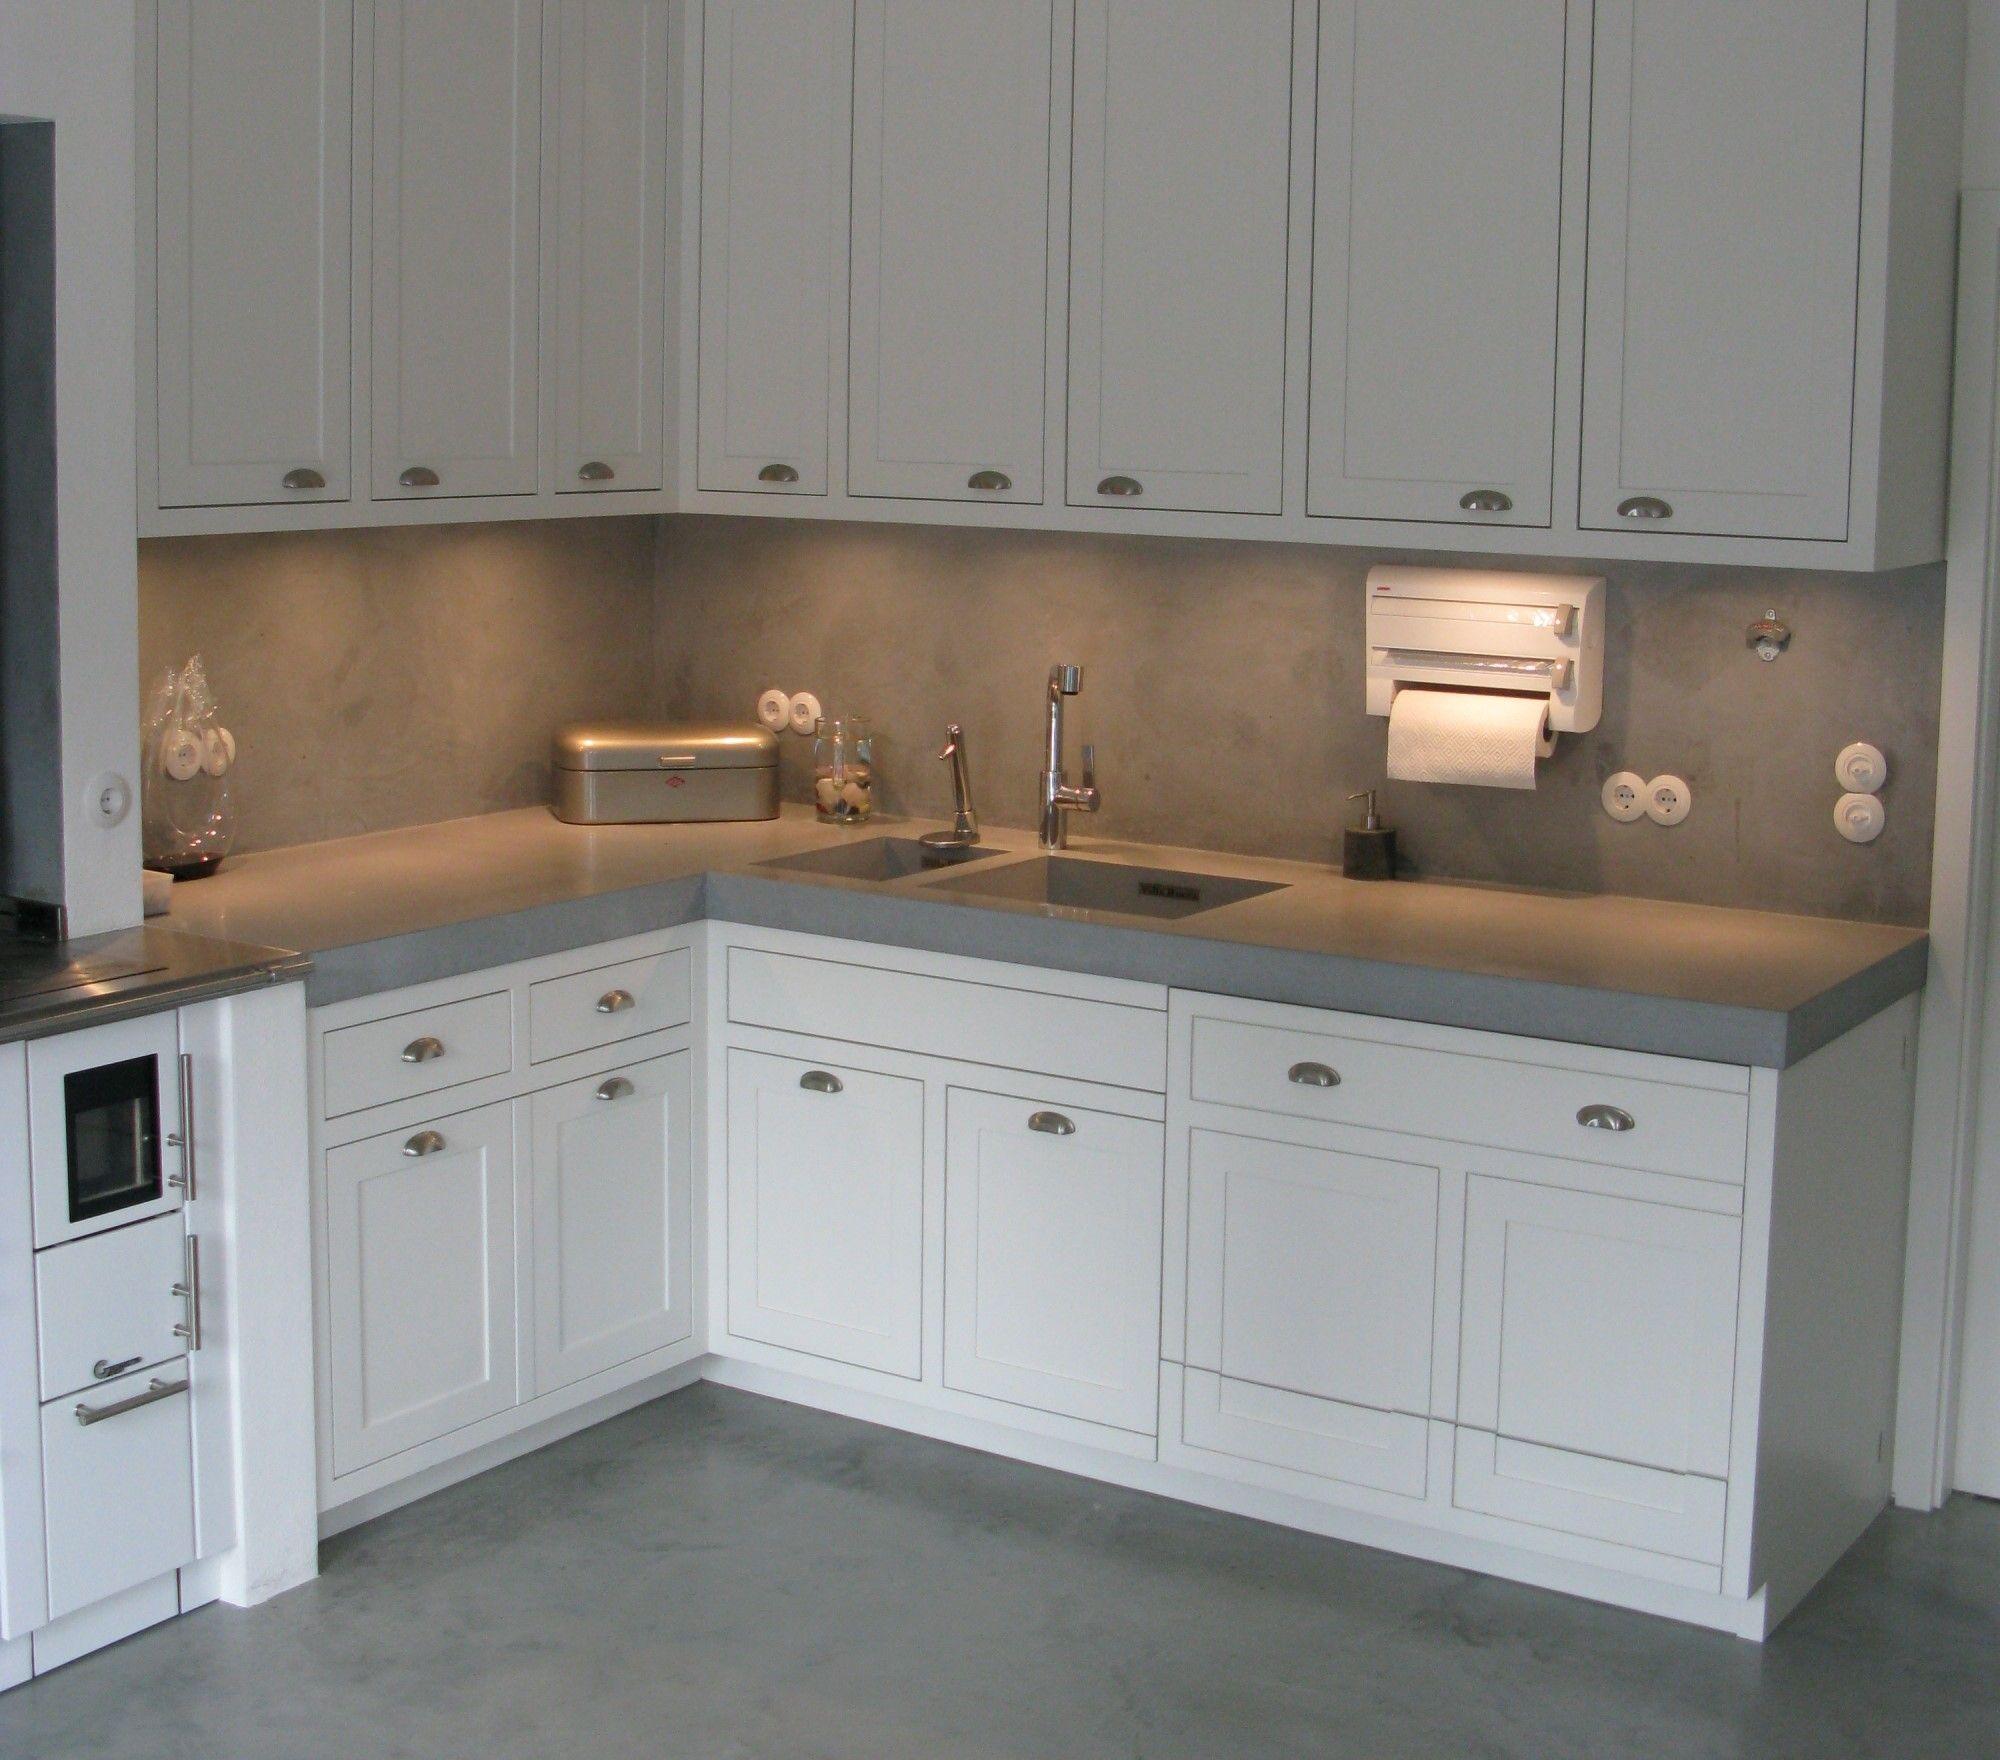 Groß Low Budget Küchenarbeitsplatte Ideen Zeitgenössisch - Küche Set ...